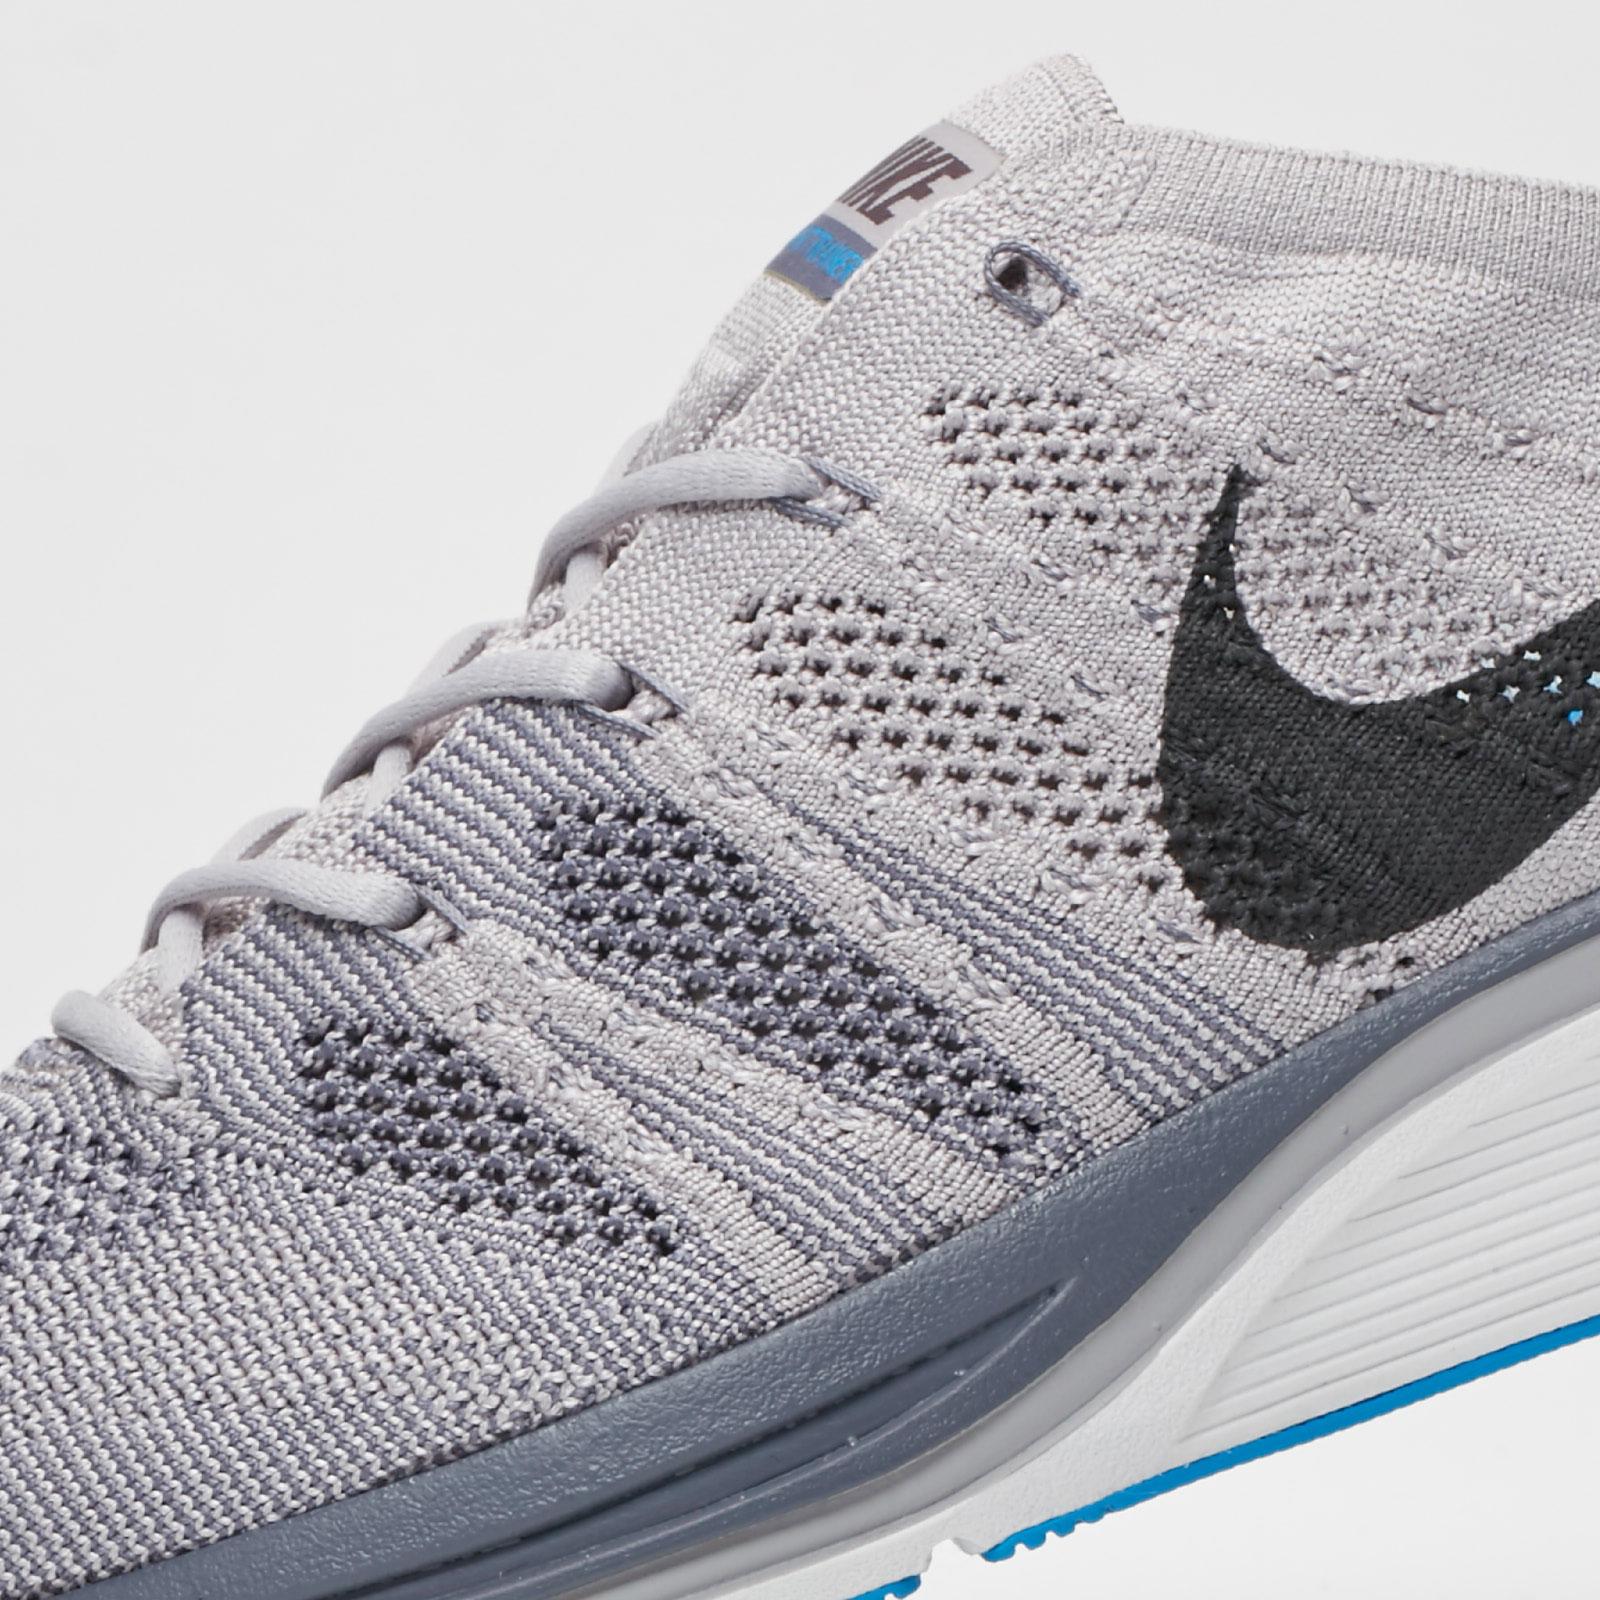 b5210107ce9c Nike Flyknit Trainer - Ah8396-006 - Sneakersnstuff